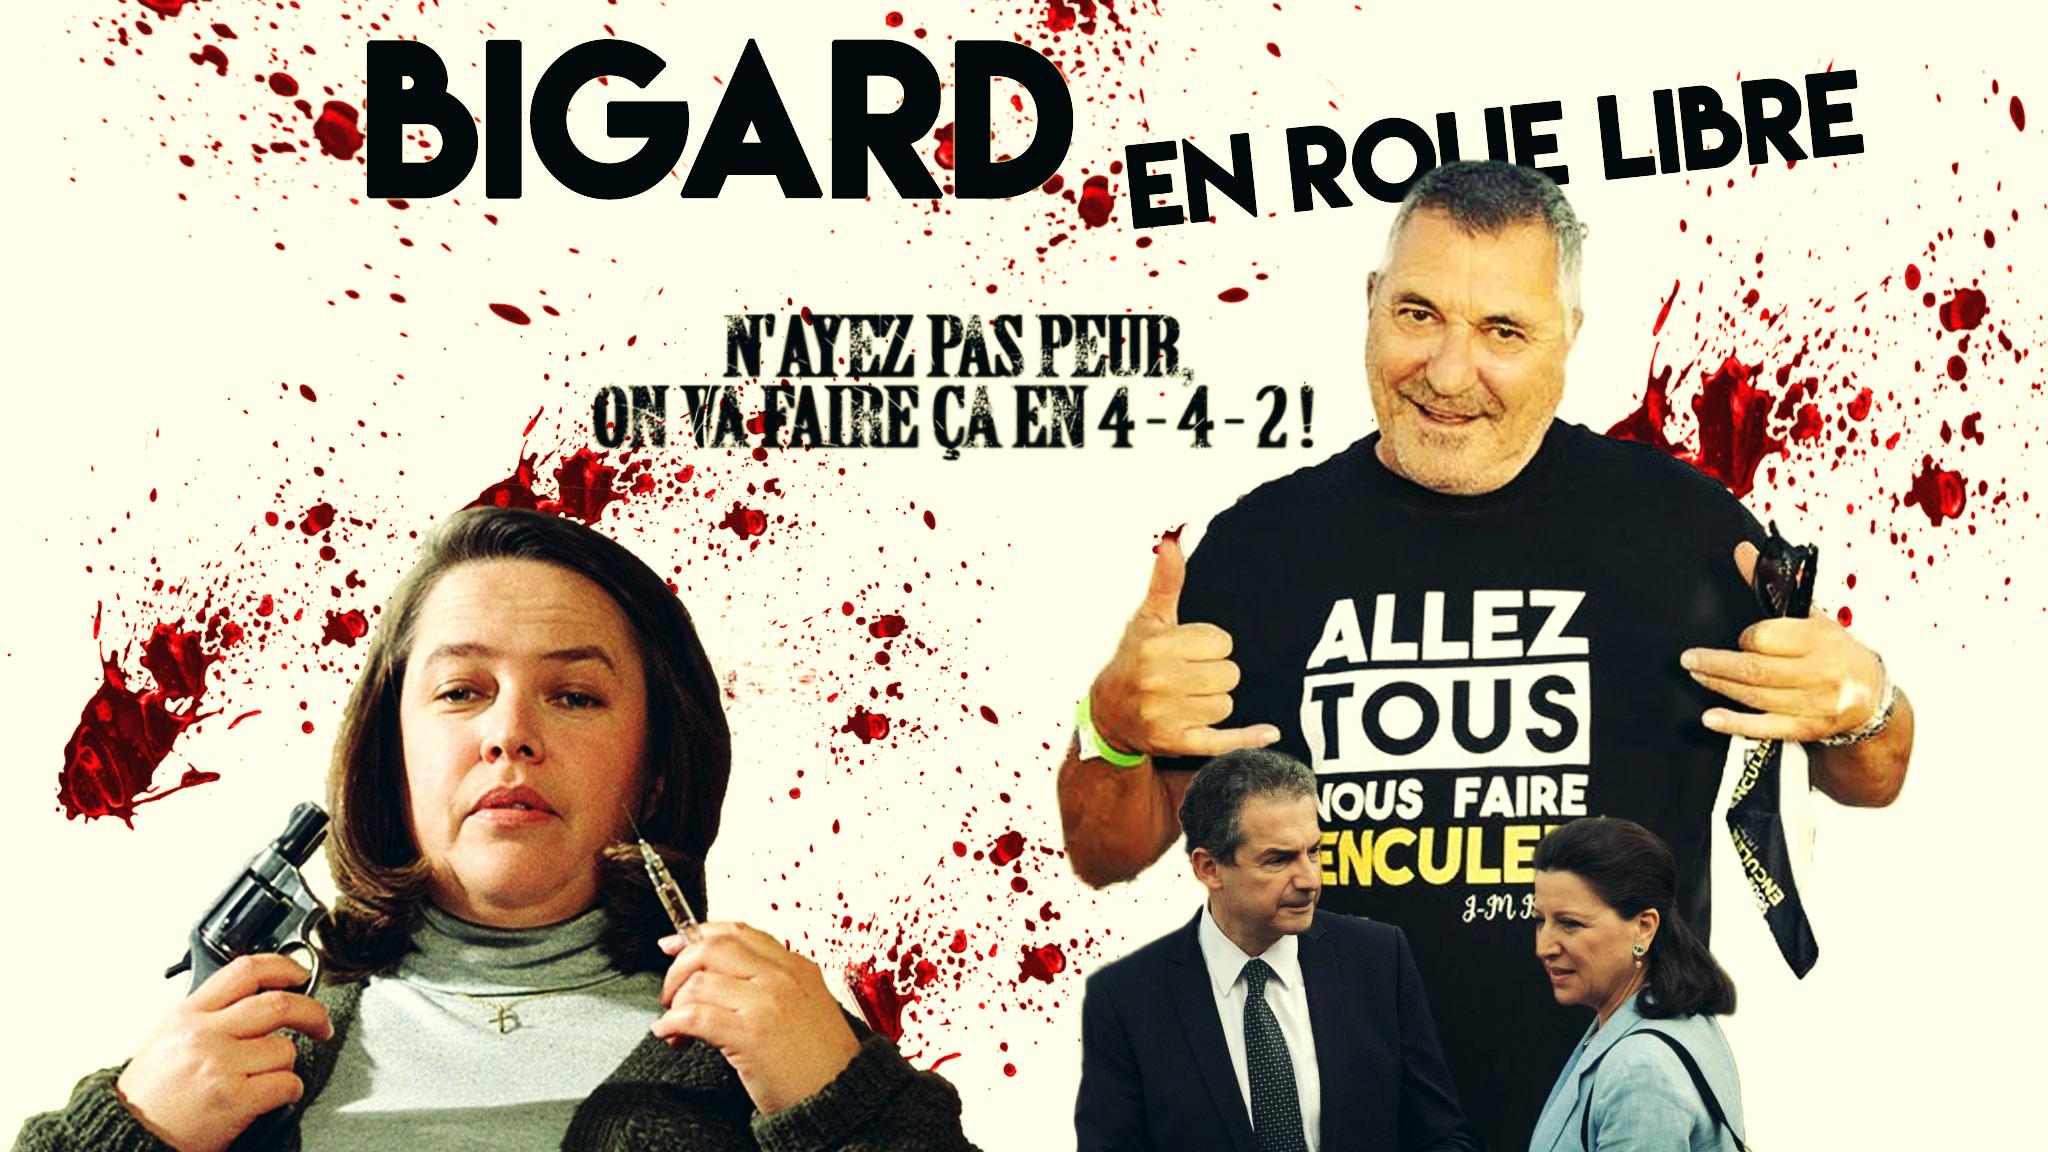 Marcel D. en 4-4-2 pour soutenir Jean-Marie Bigard